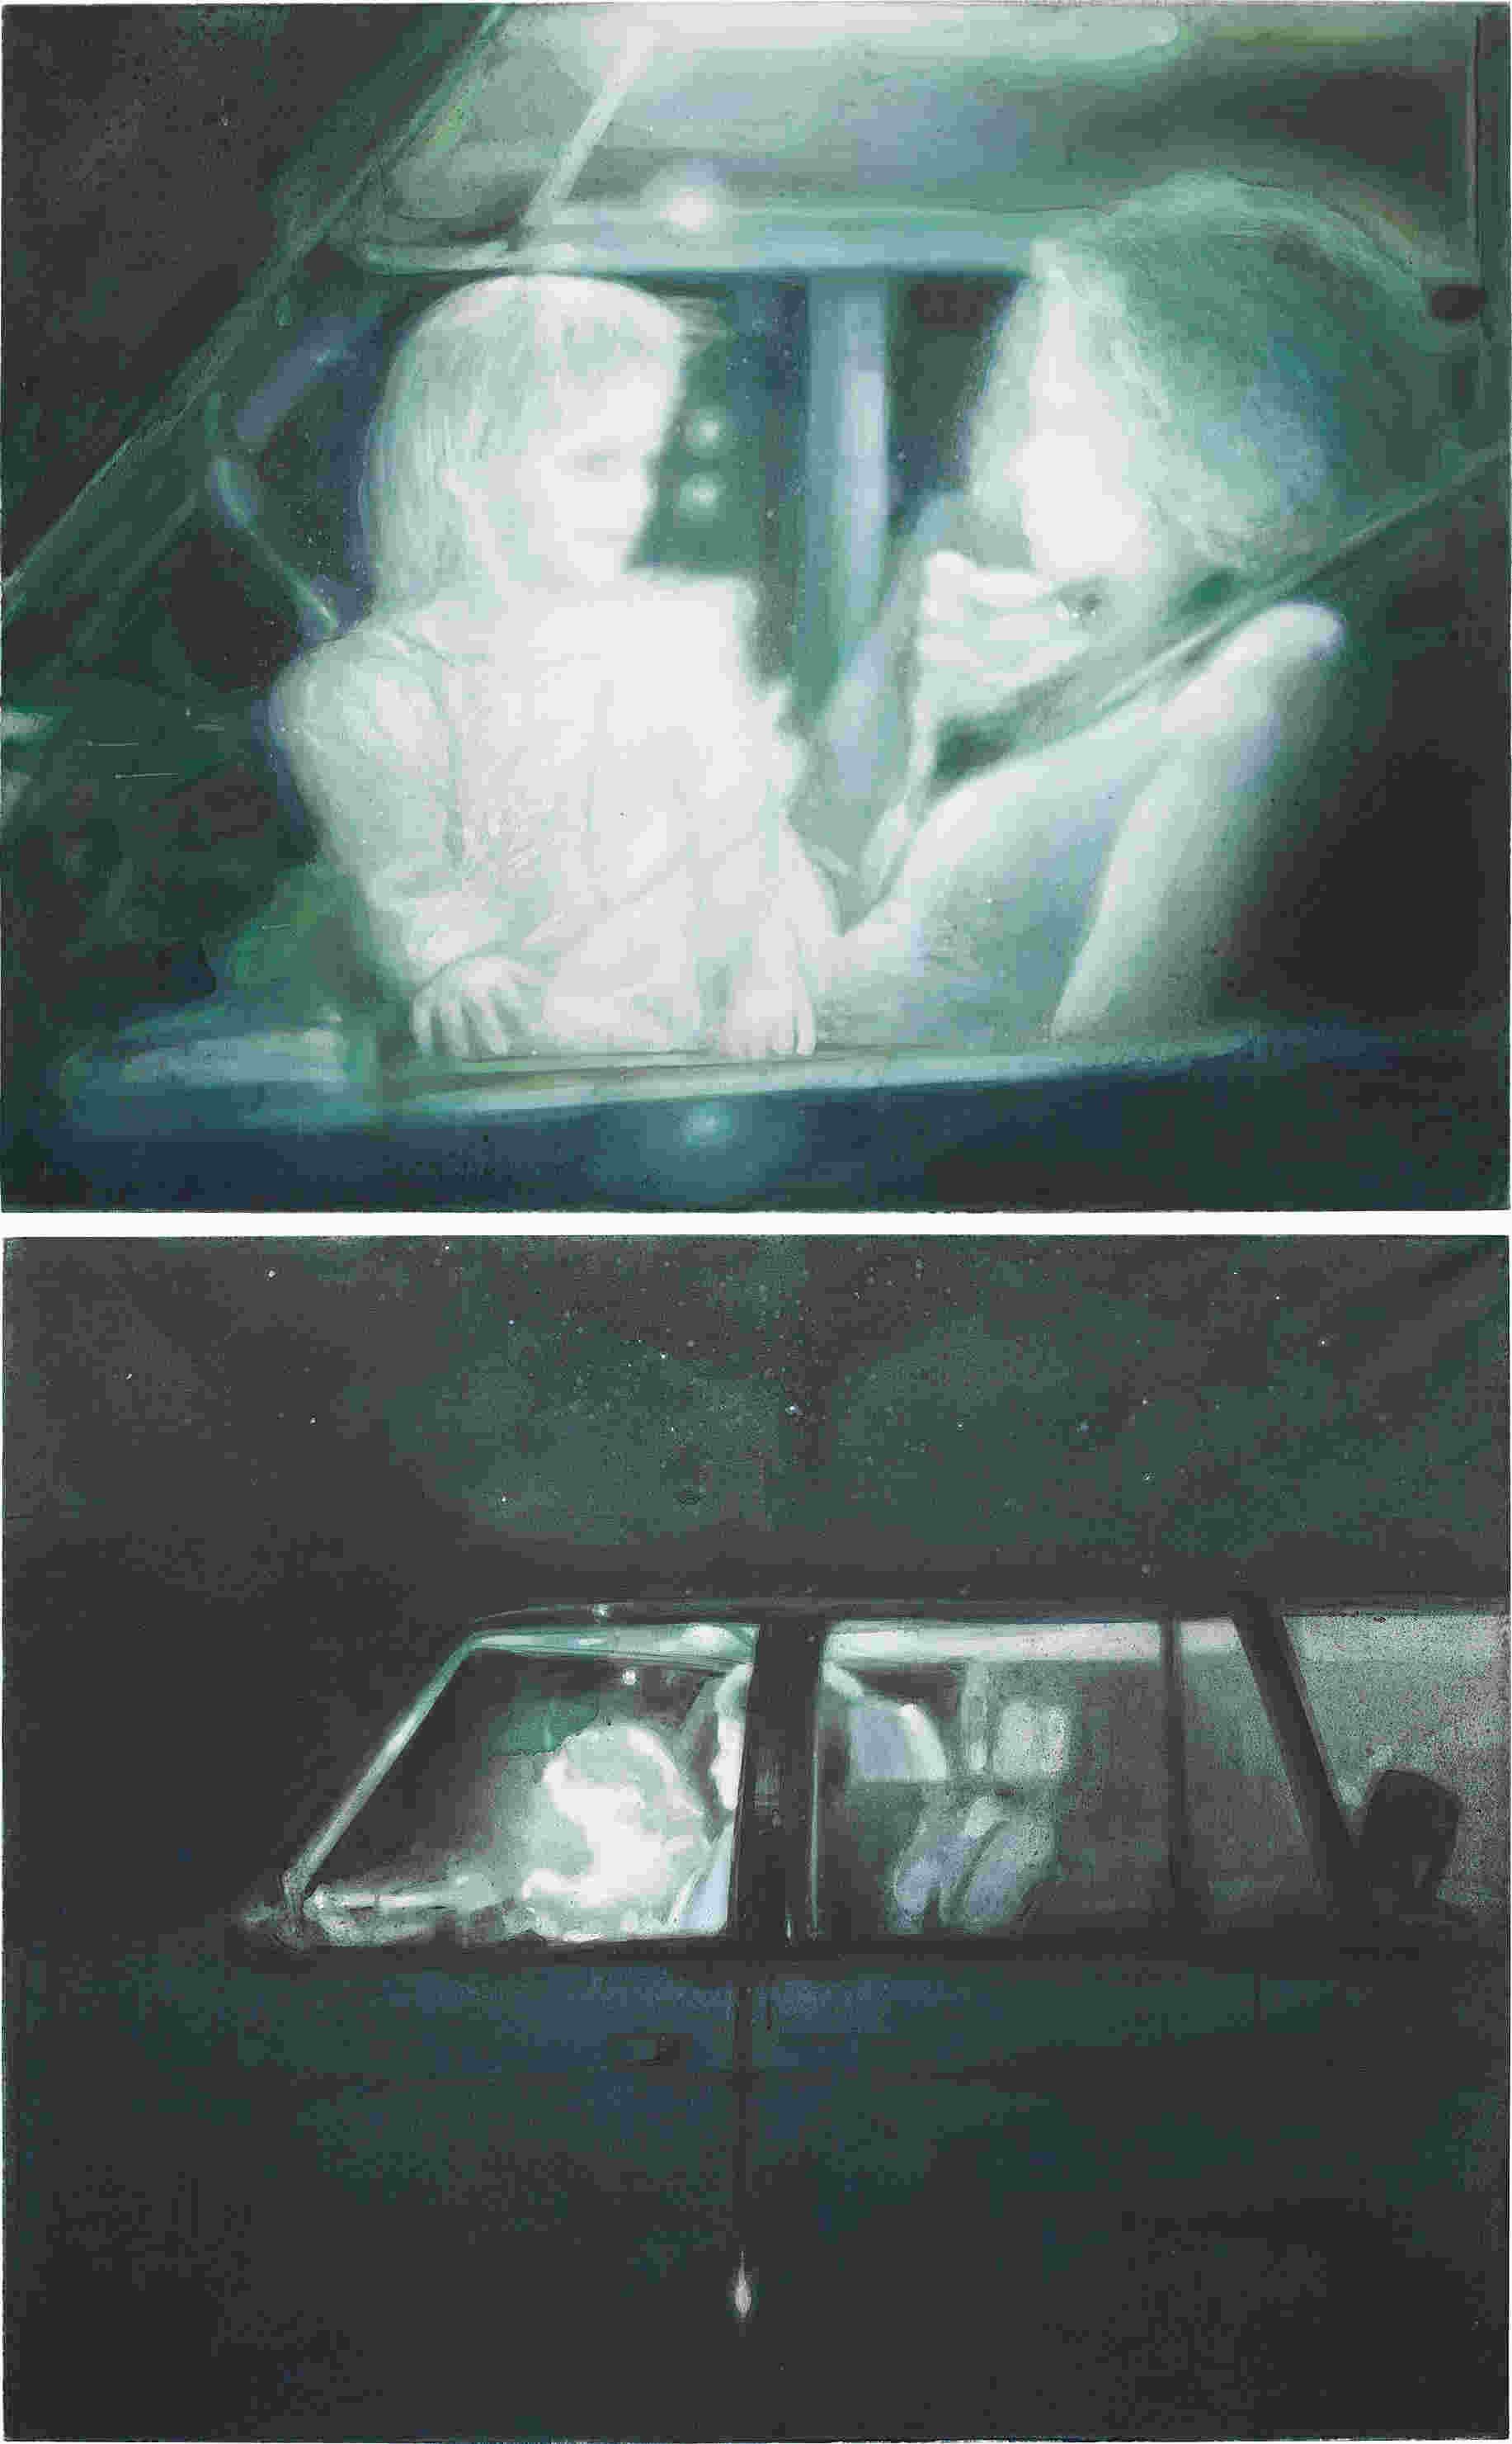 Lisa Brice-Two works: (i) Car; (ii) A + R Car-2005